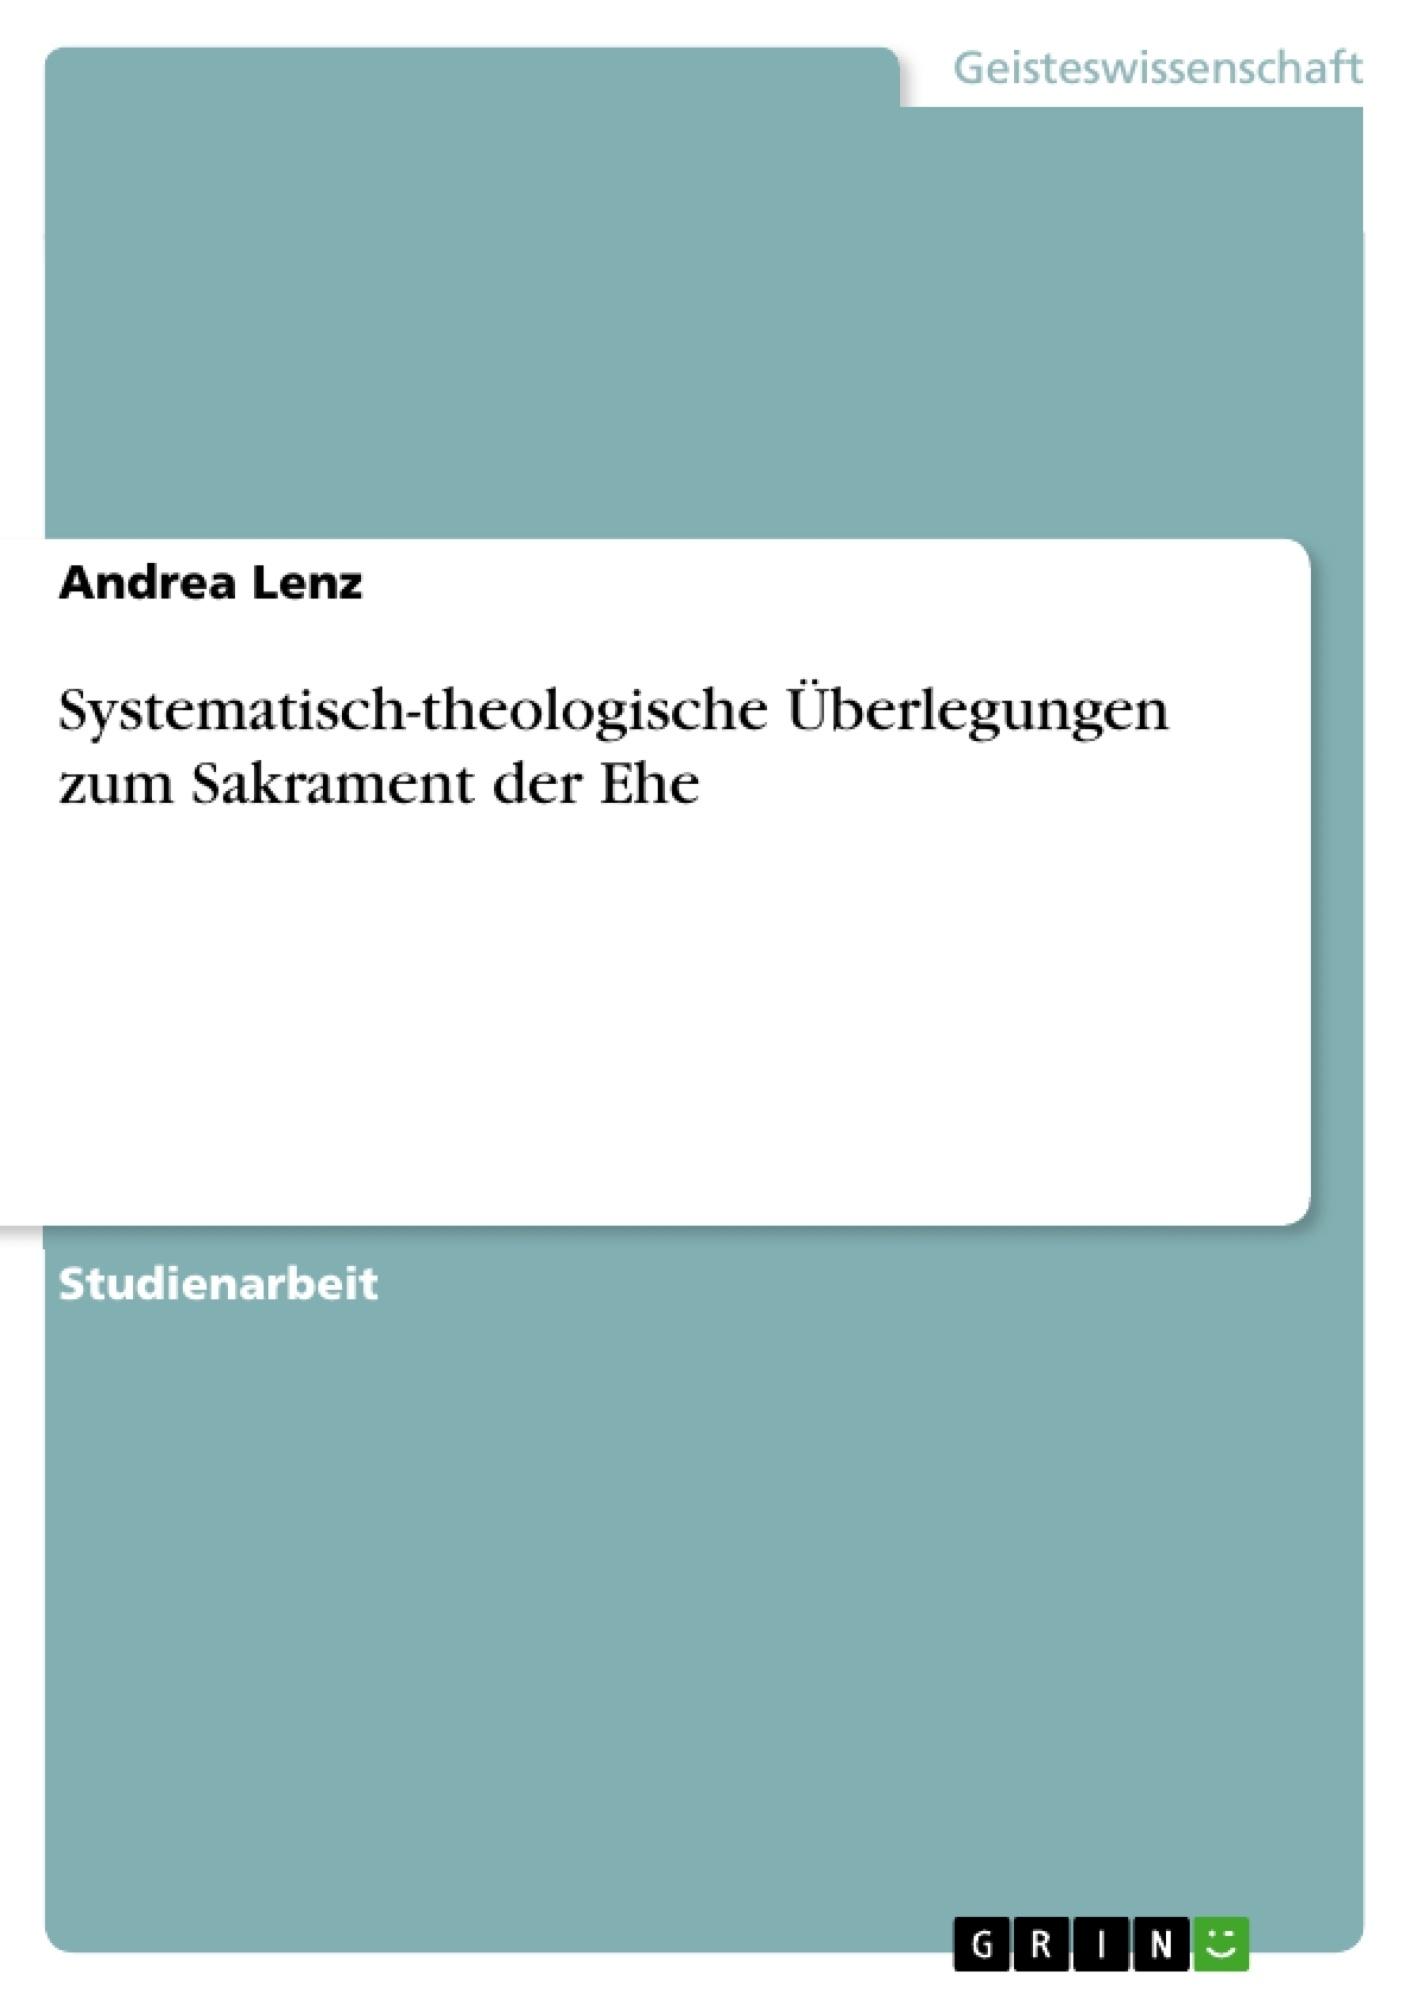 Titel: Systematisch-theologische Überlegungen zum Sakrament der Ehe